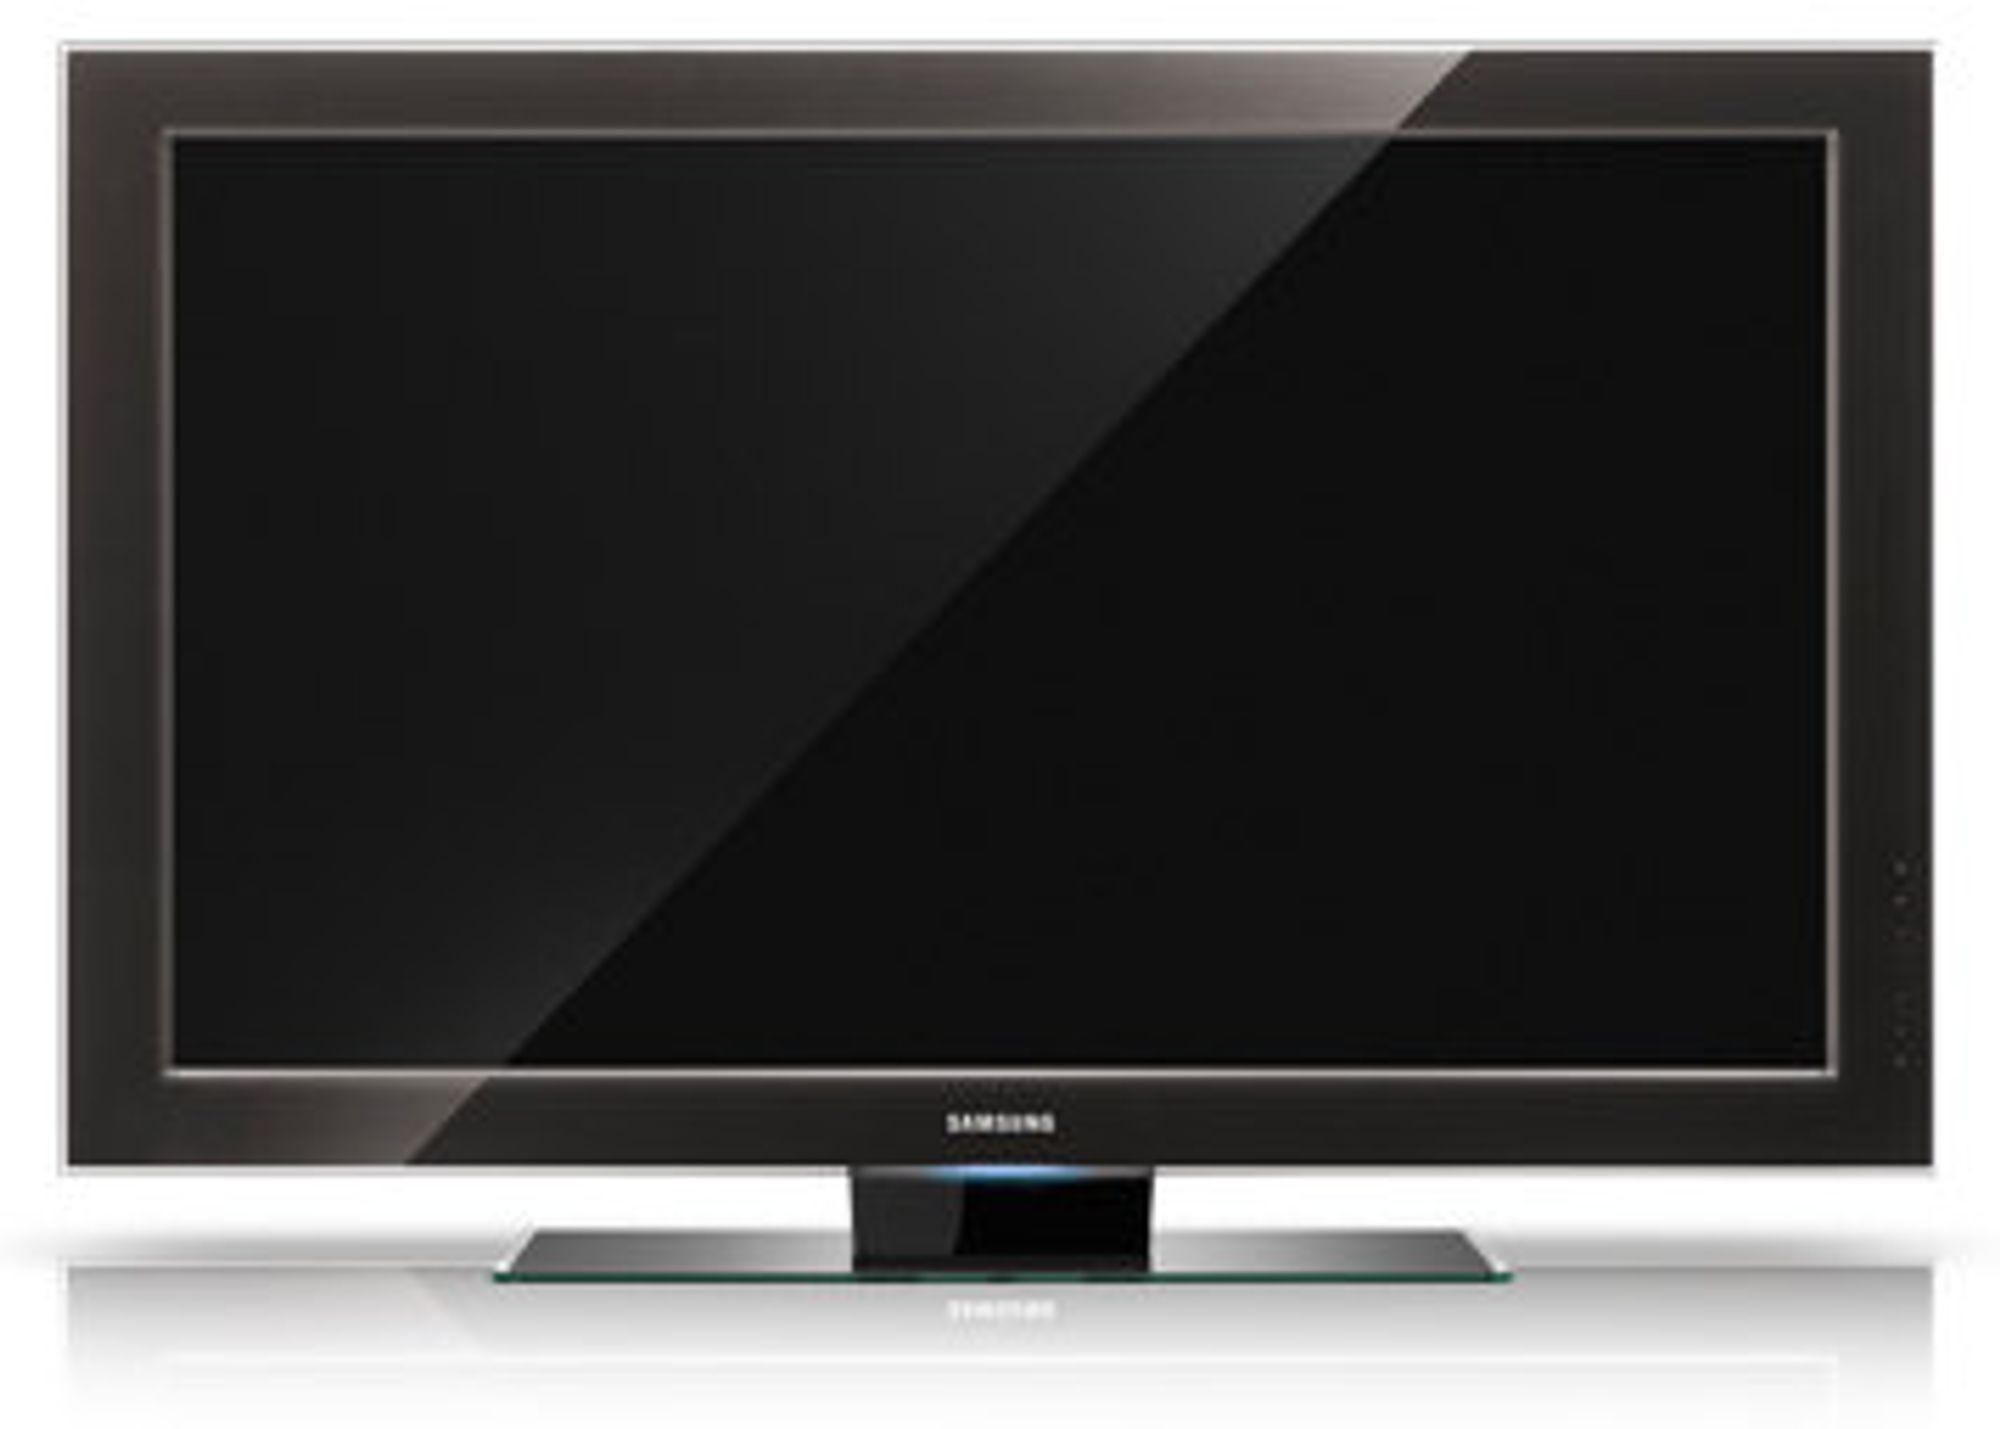 Kommende Samsung-TV-er får støtte for TV-widgets  (bildet viser dagens 9-serie fra Samsung)